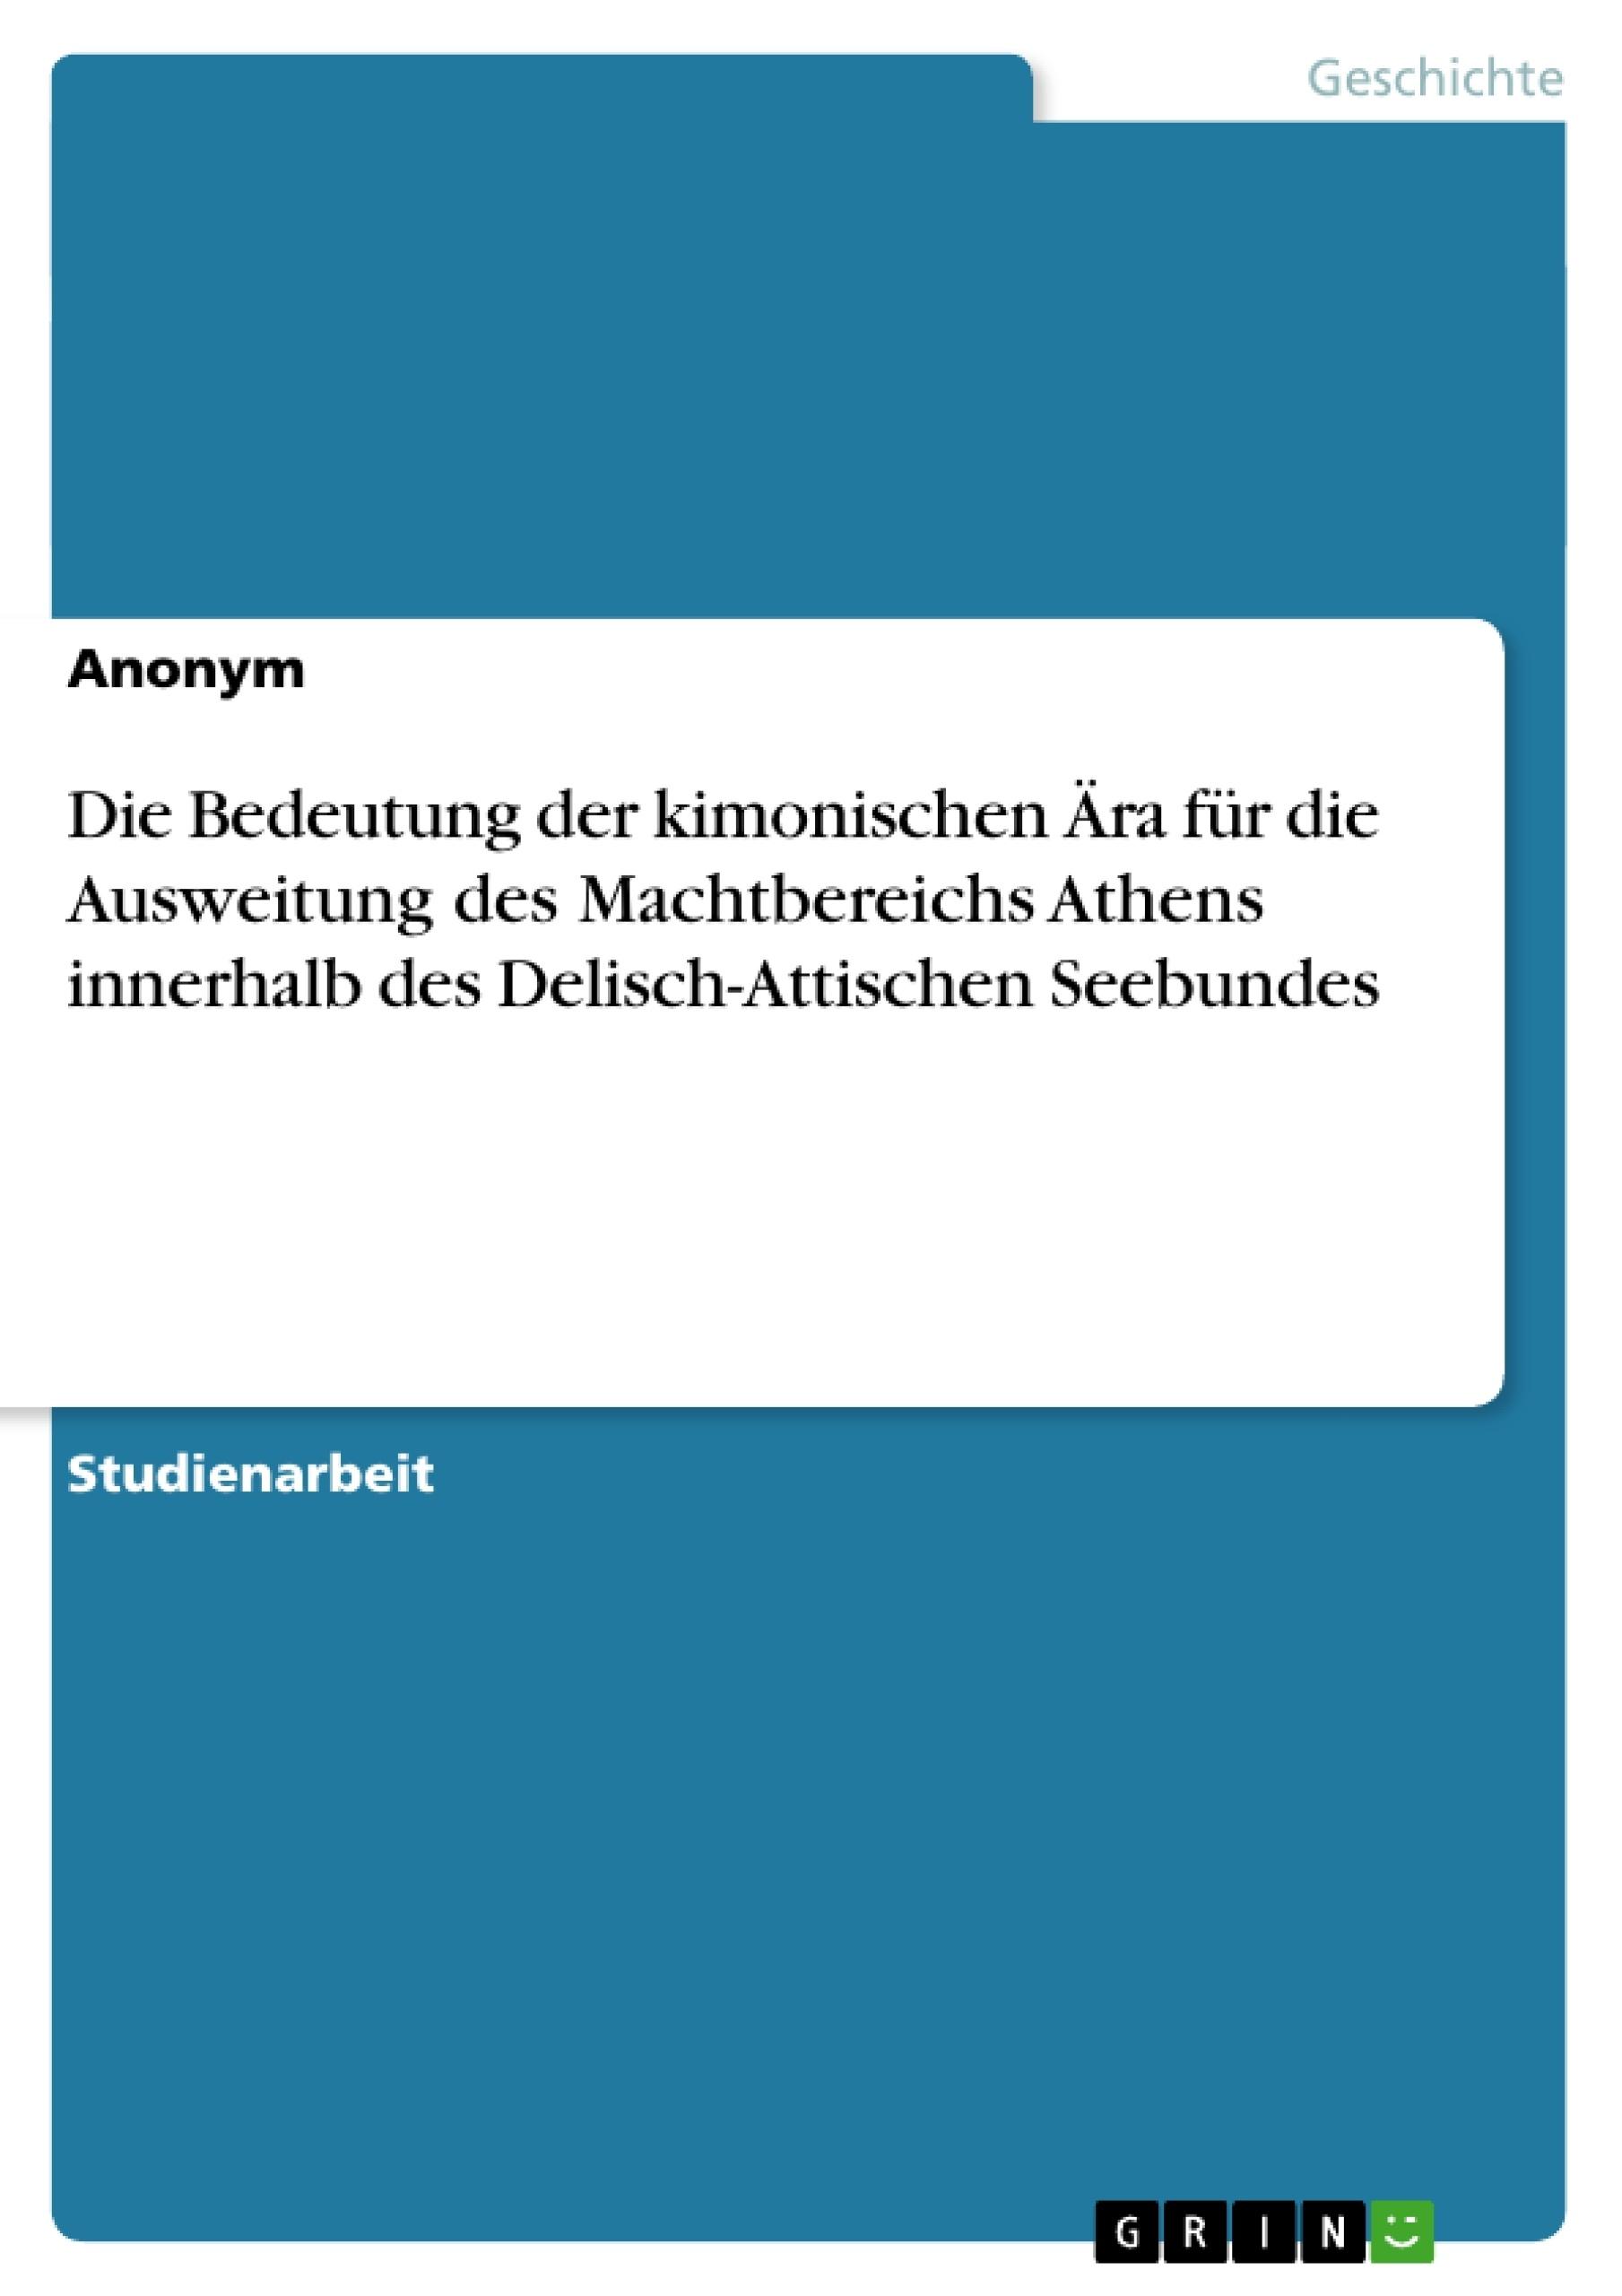 Titel: Die Bedeutung der kimonischen Ära für die Ausweitung des Machtbereichs Athens innerhalb des Delisch-Attischen Seebundes